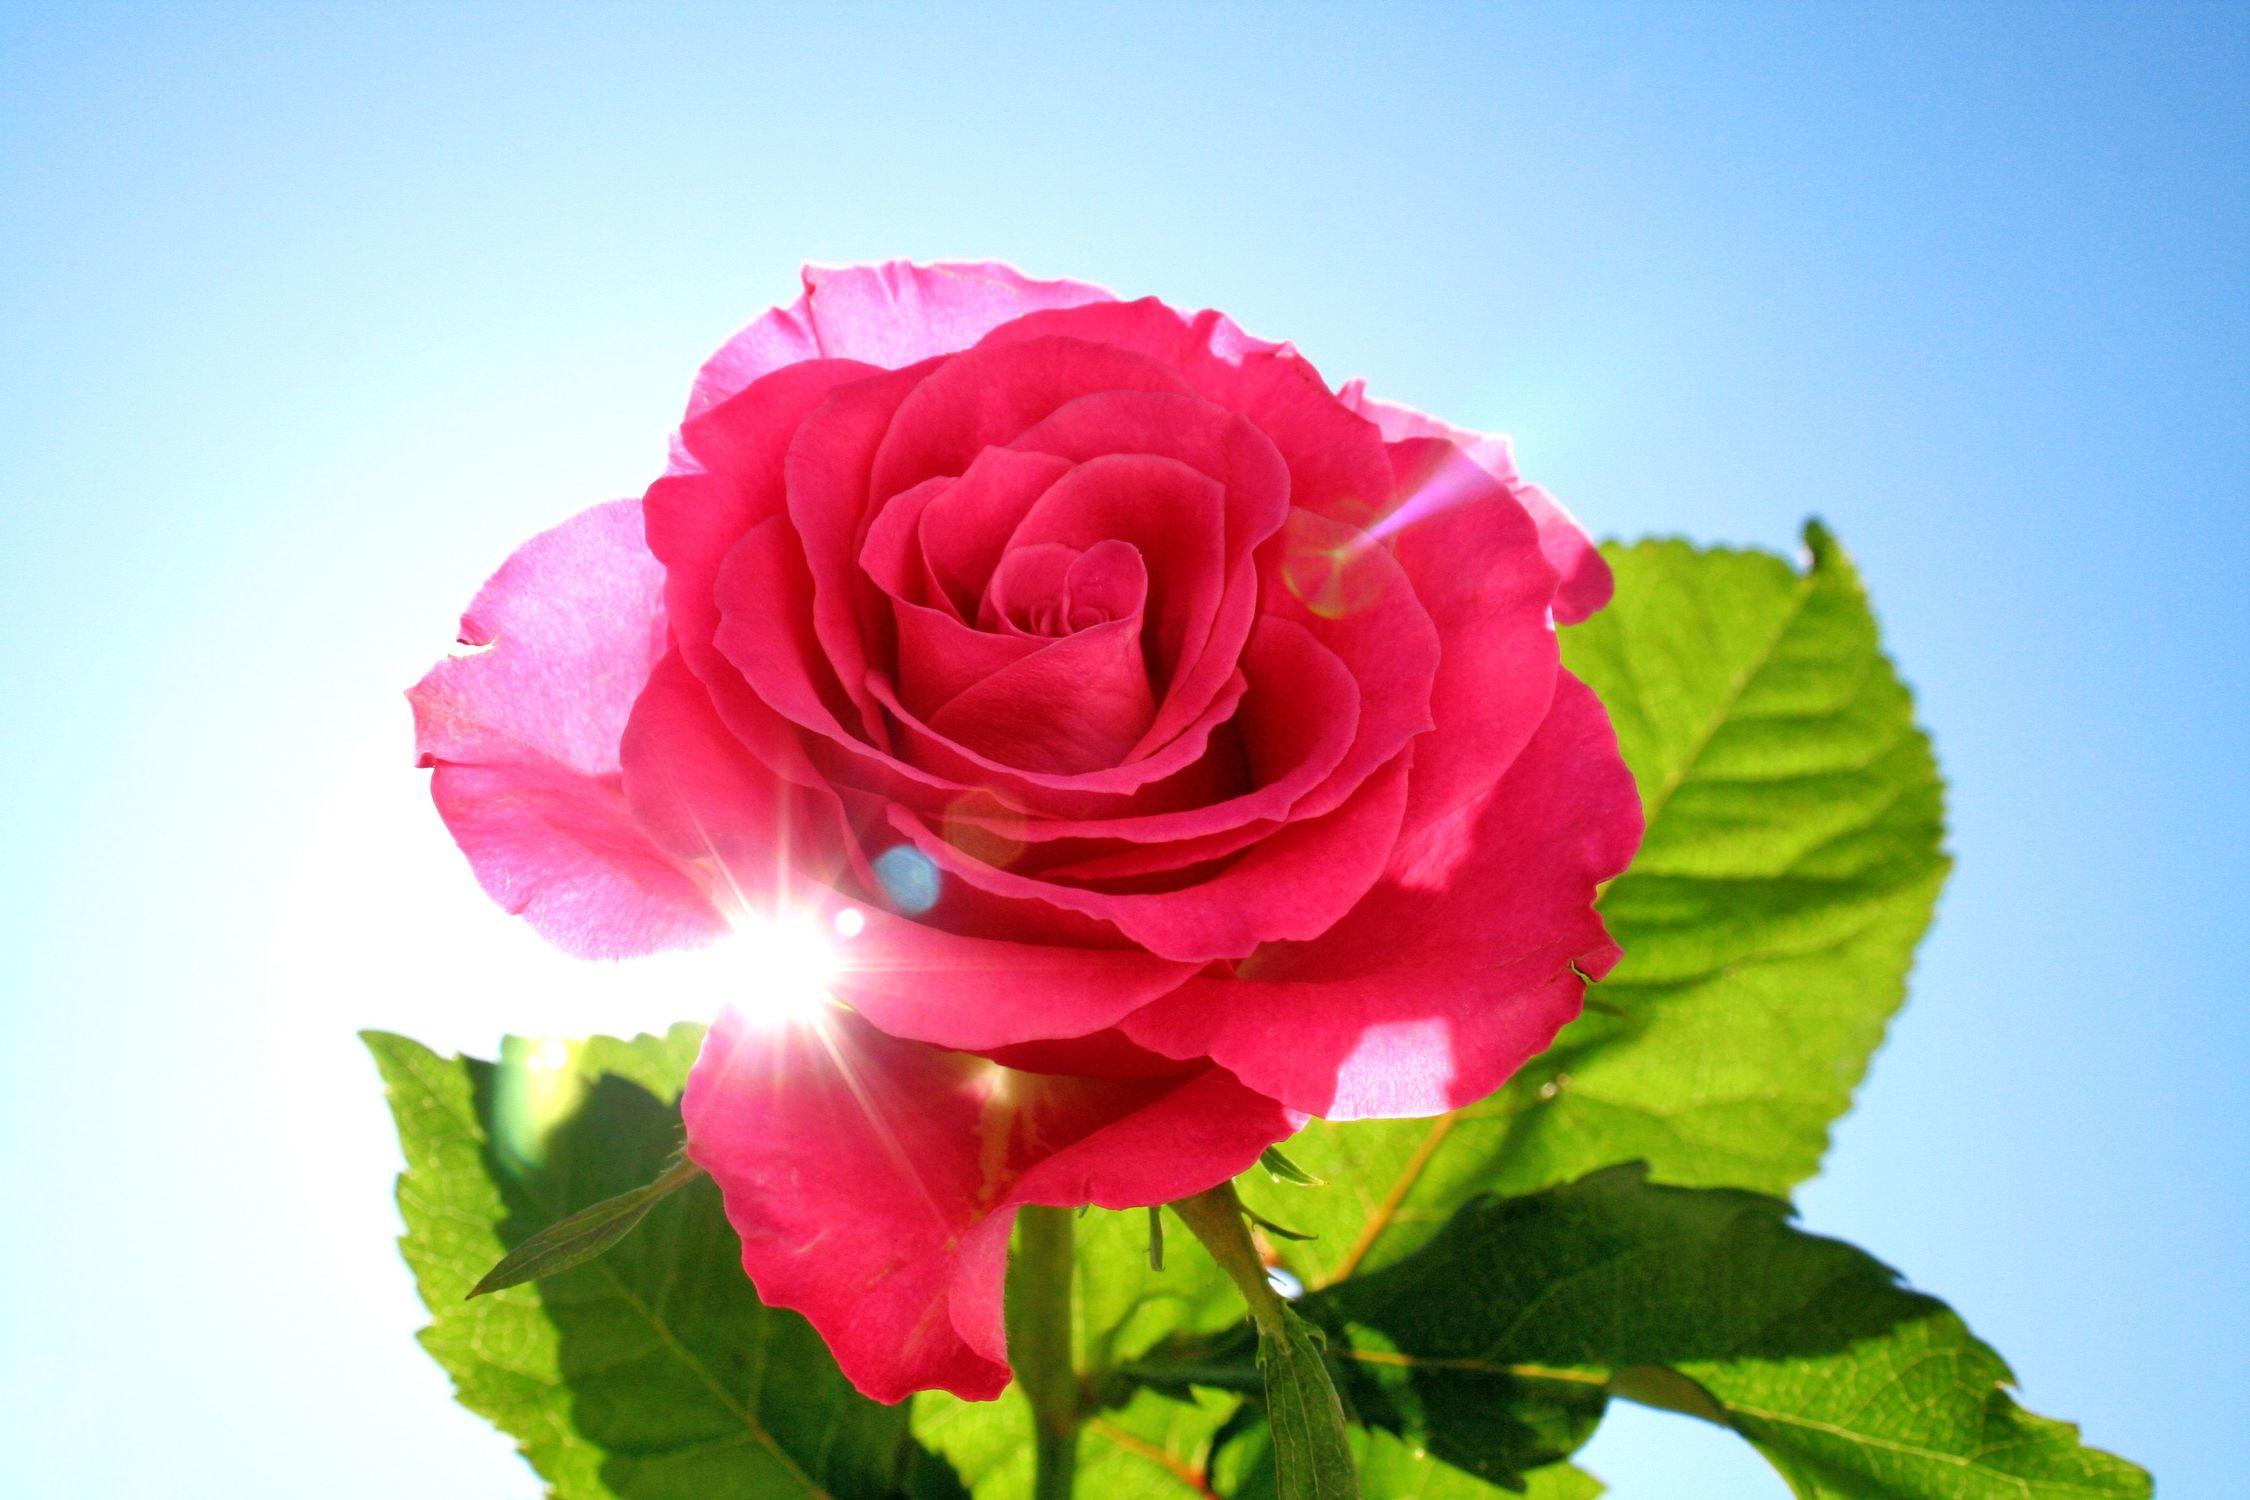 Bild mit Farben, Natur, Pflanzen, Blumen, Rosa, Rosen, Kamelien, Sonnenschein, Rose